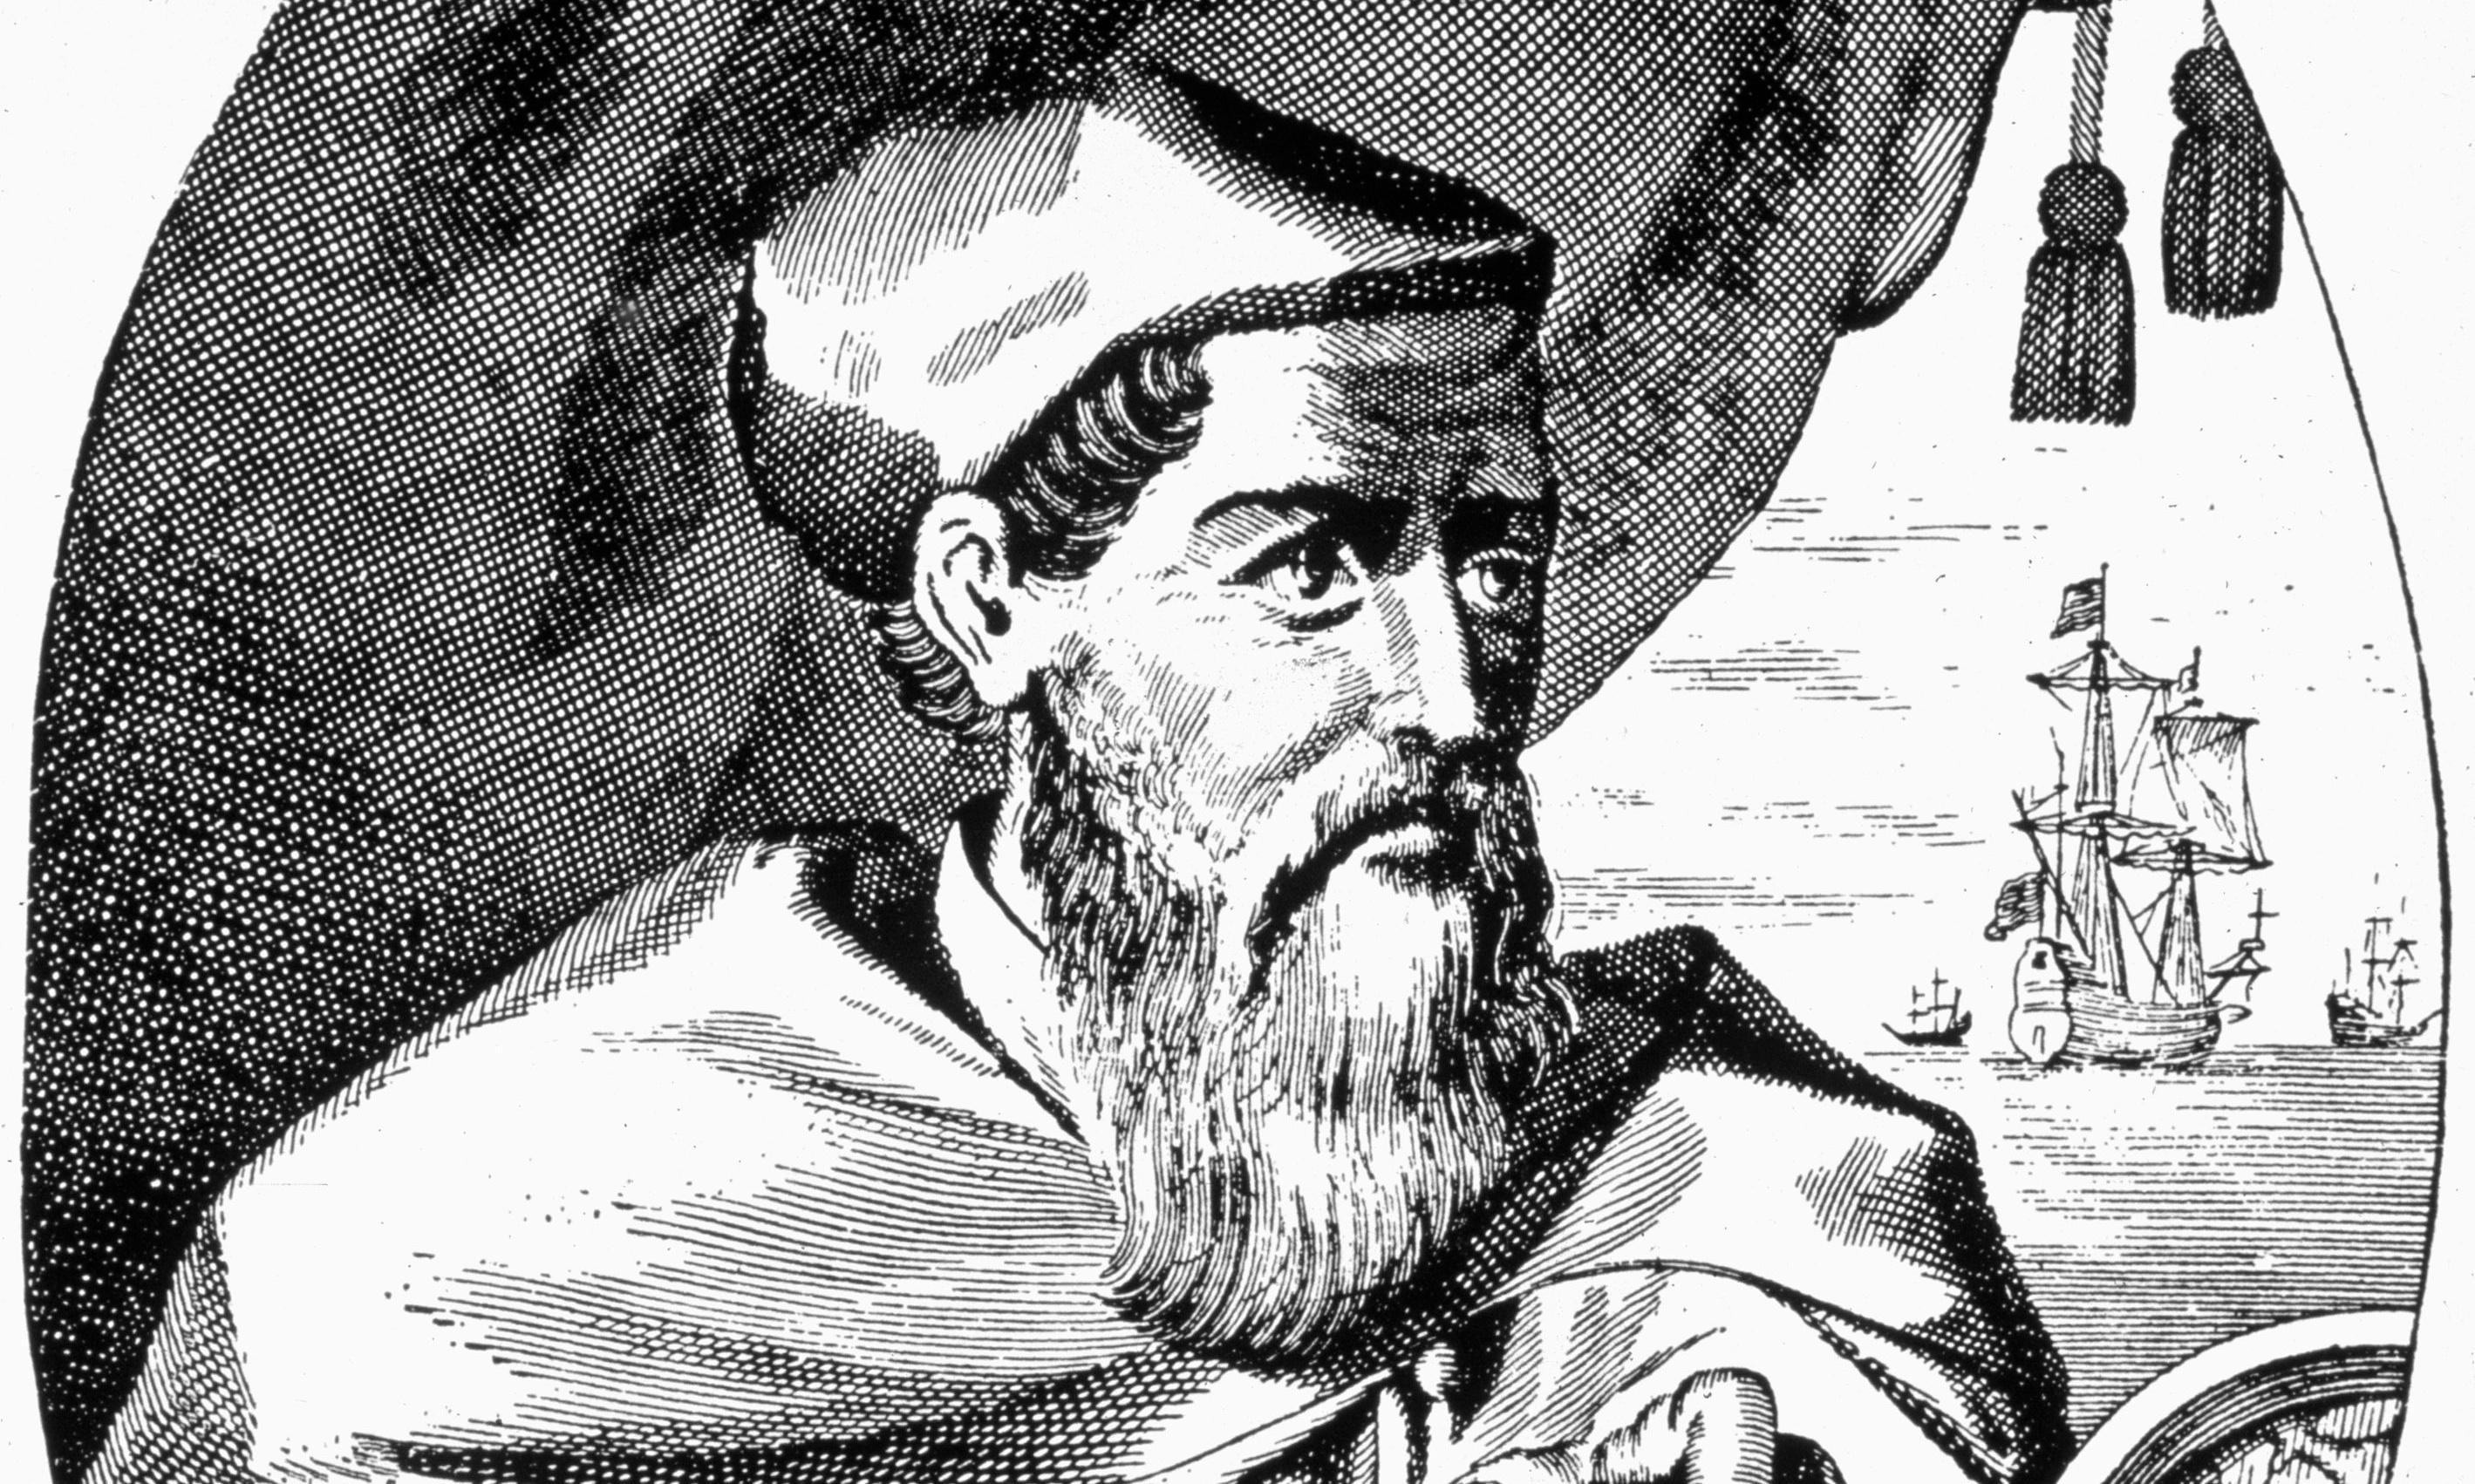 Reclaiming America for Amerigo Vespucci